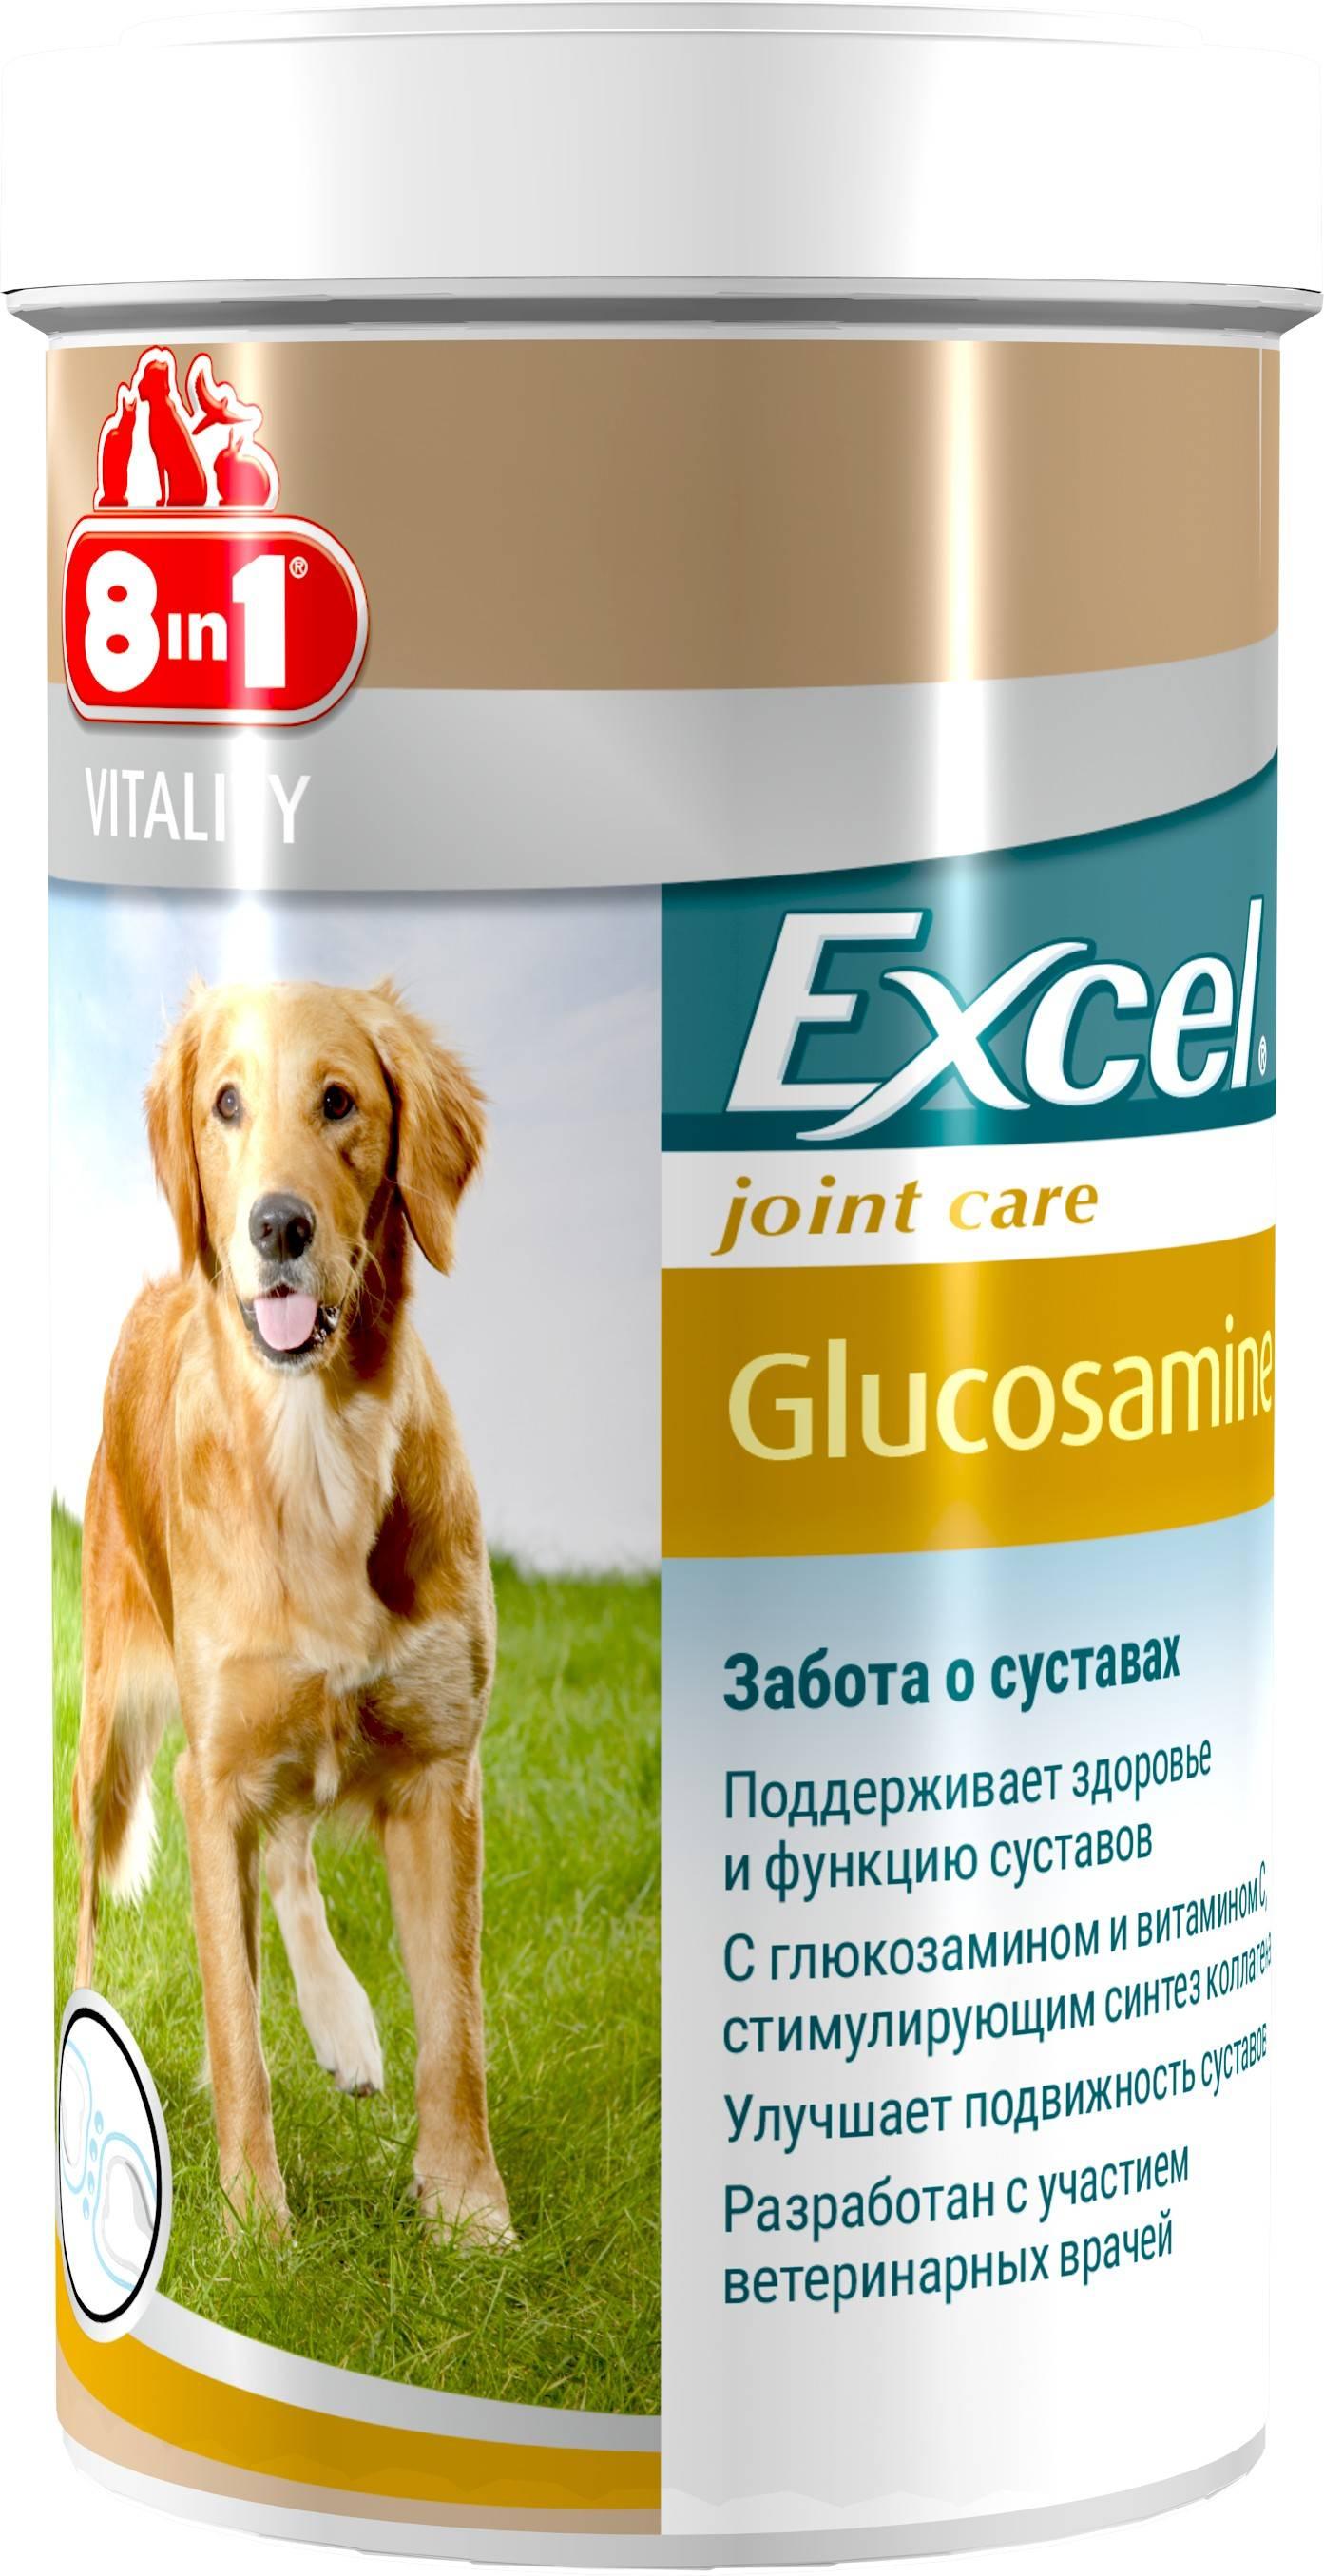 8in1 Excel Glucosamine – витаминный комплекс для поддержания здоровья и подвижности суставов взрослых собак